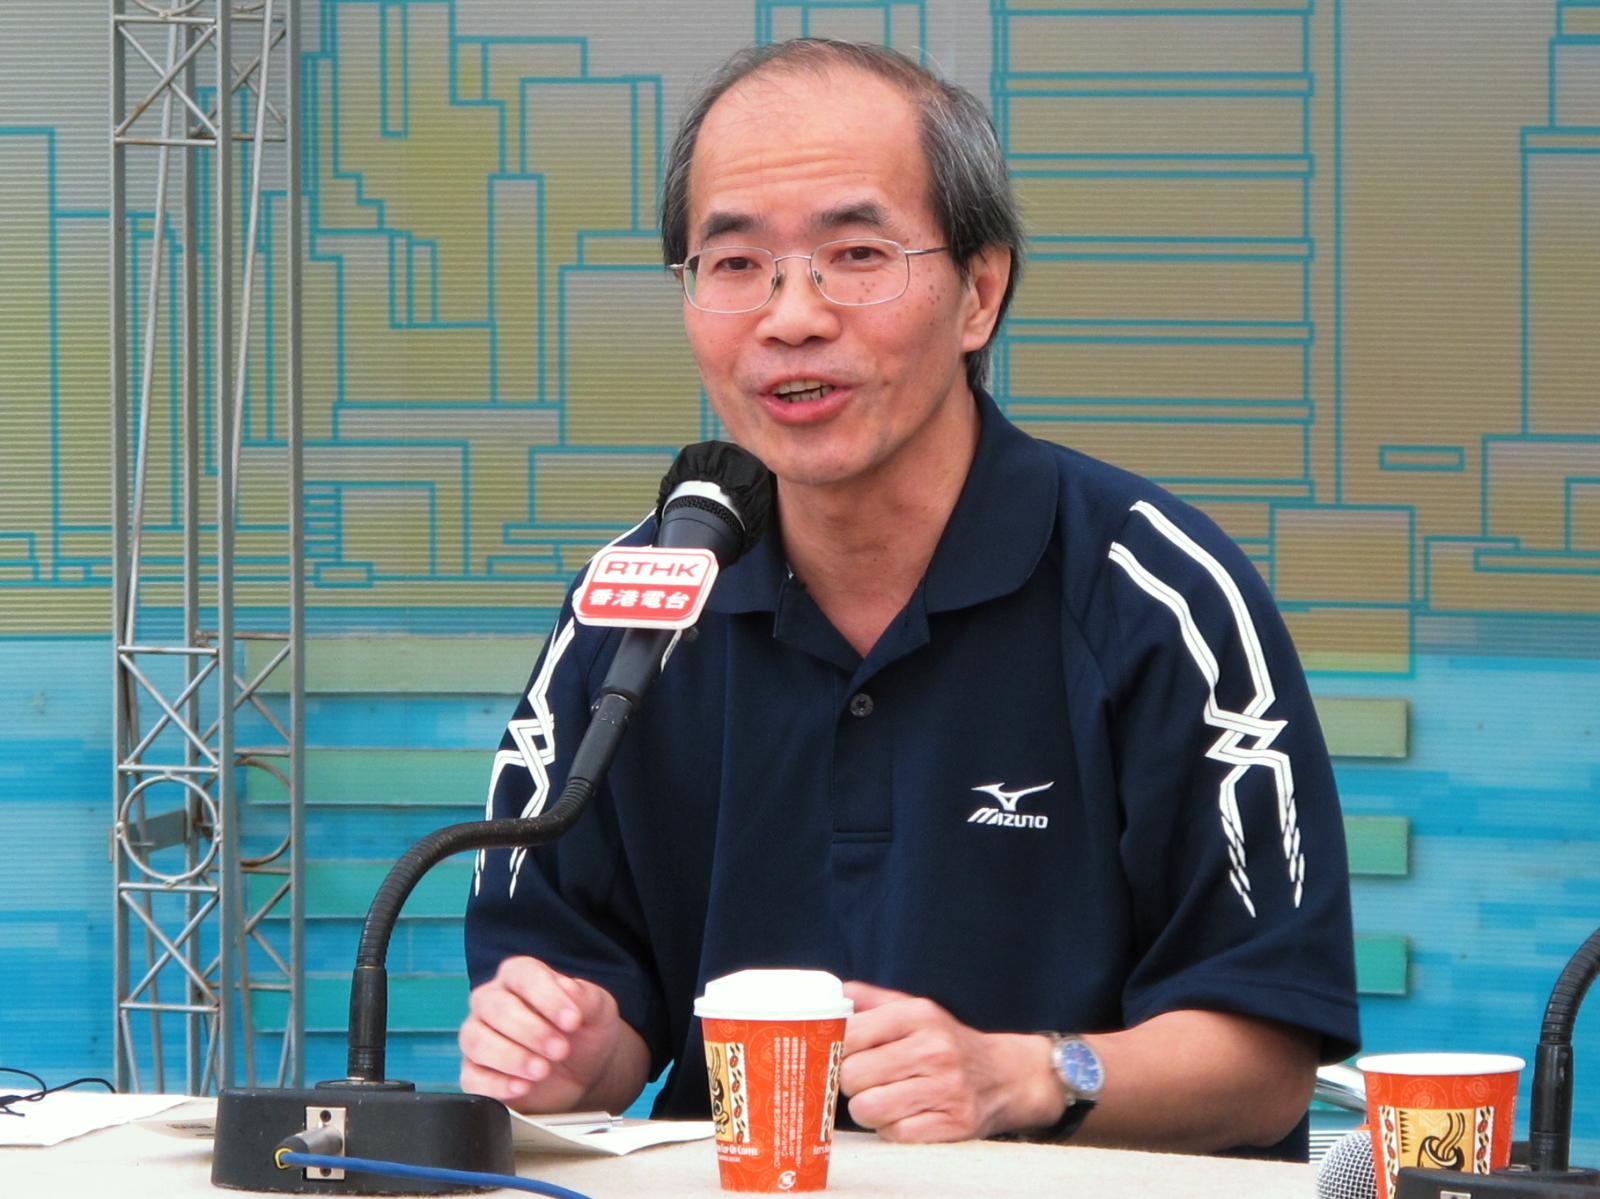 LAU Yui-siu 2010.jpg